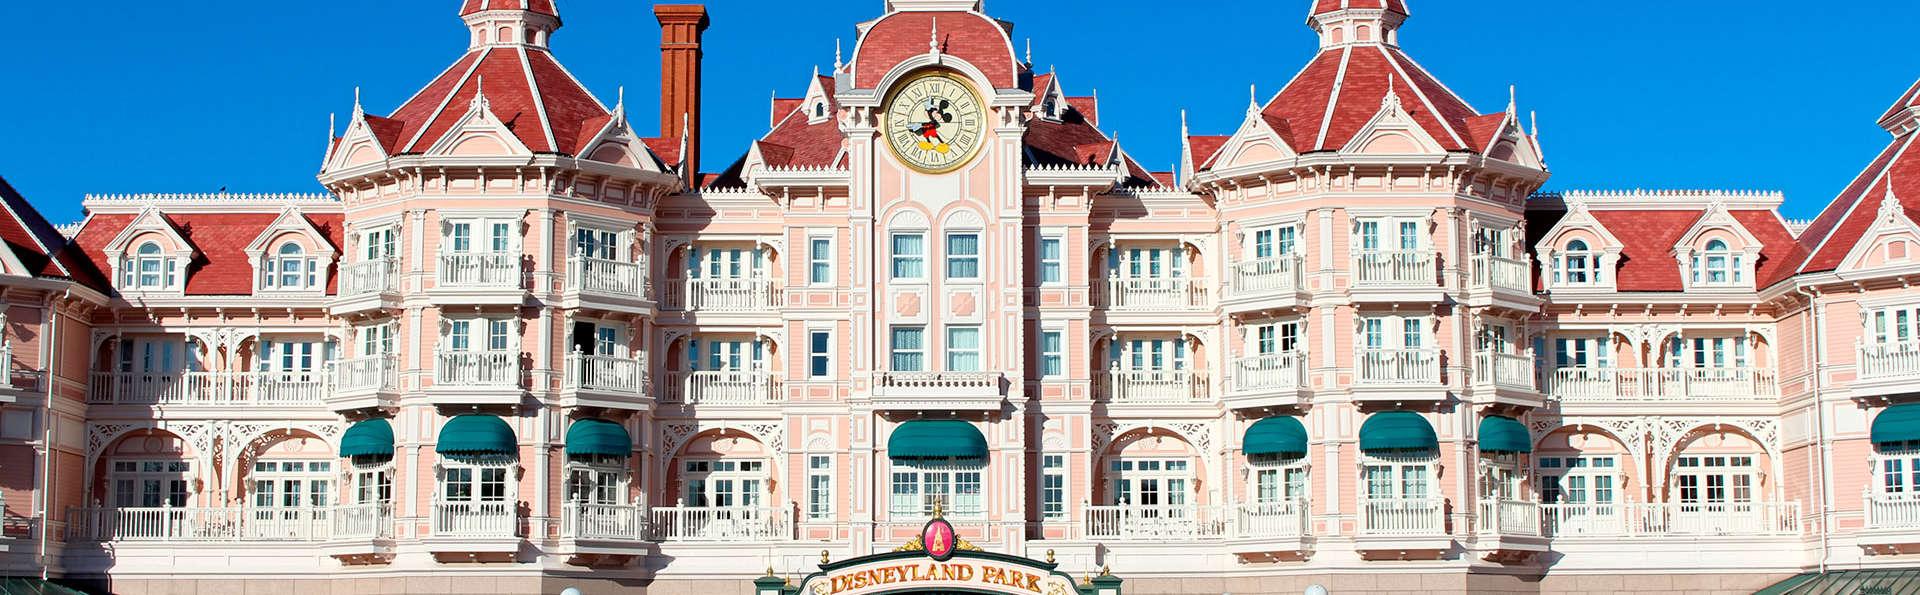 Beleef een magisch weekend in Disneyland Parijs (2 dag / 2 parken)